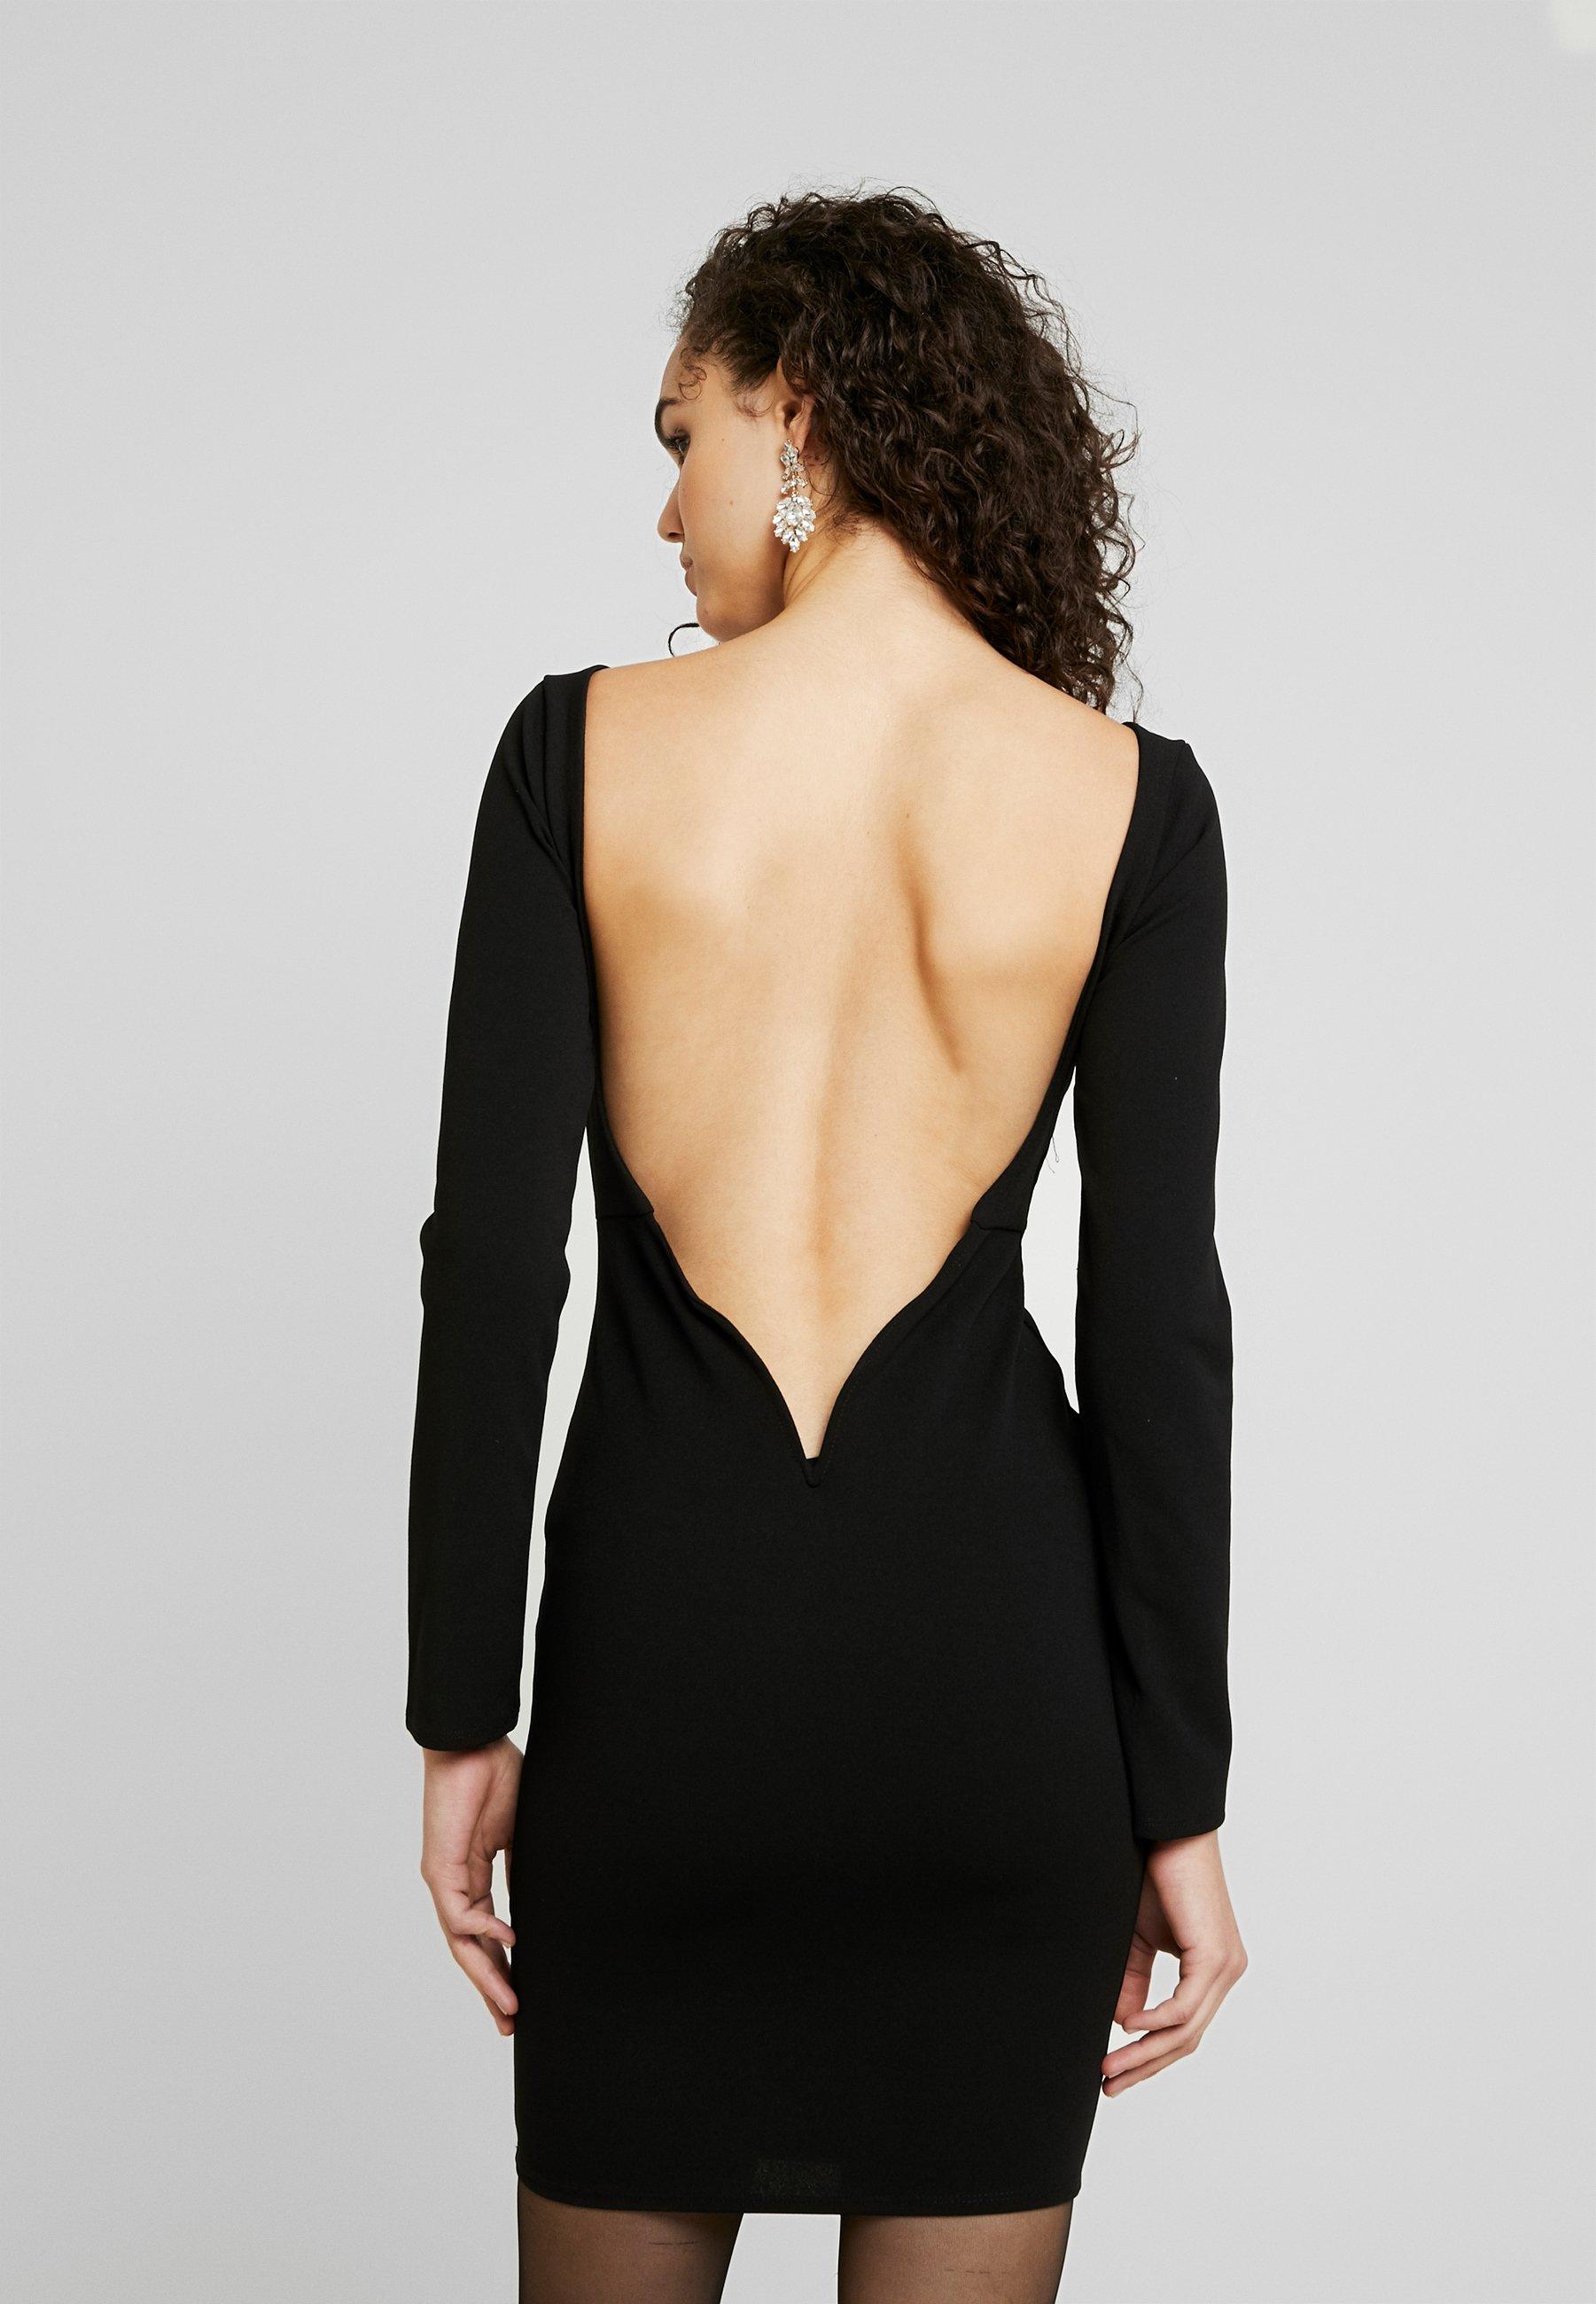 Nly Vestito Nelly Black EleganteNero By kXOPluwZiT